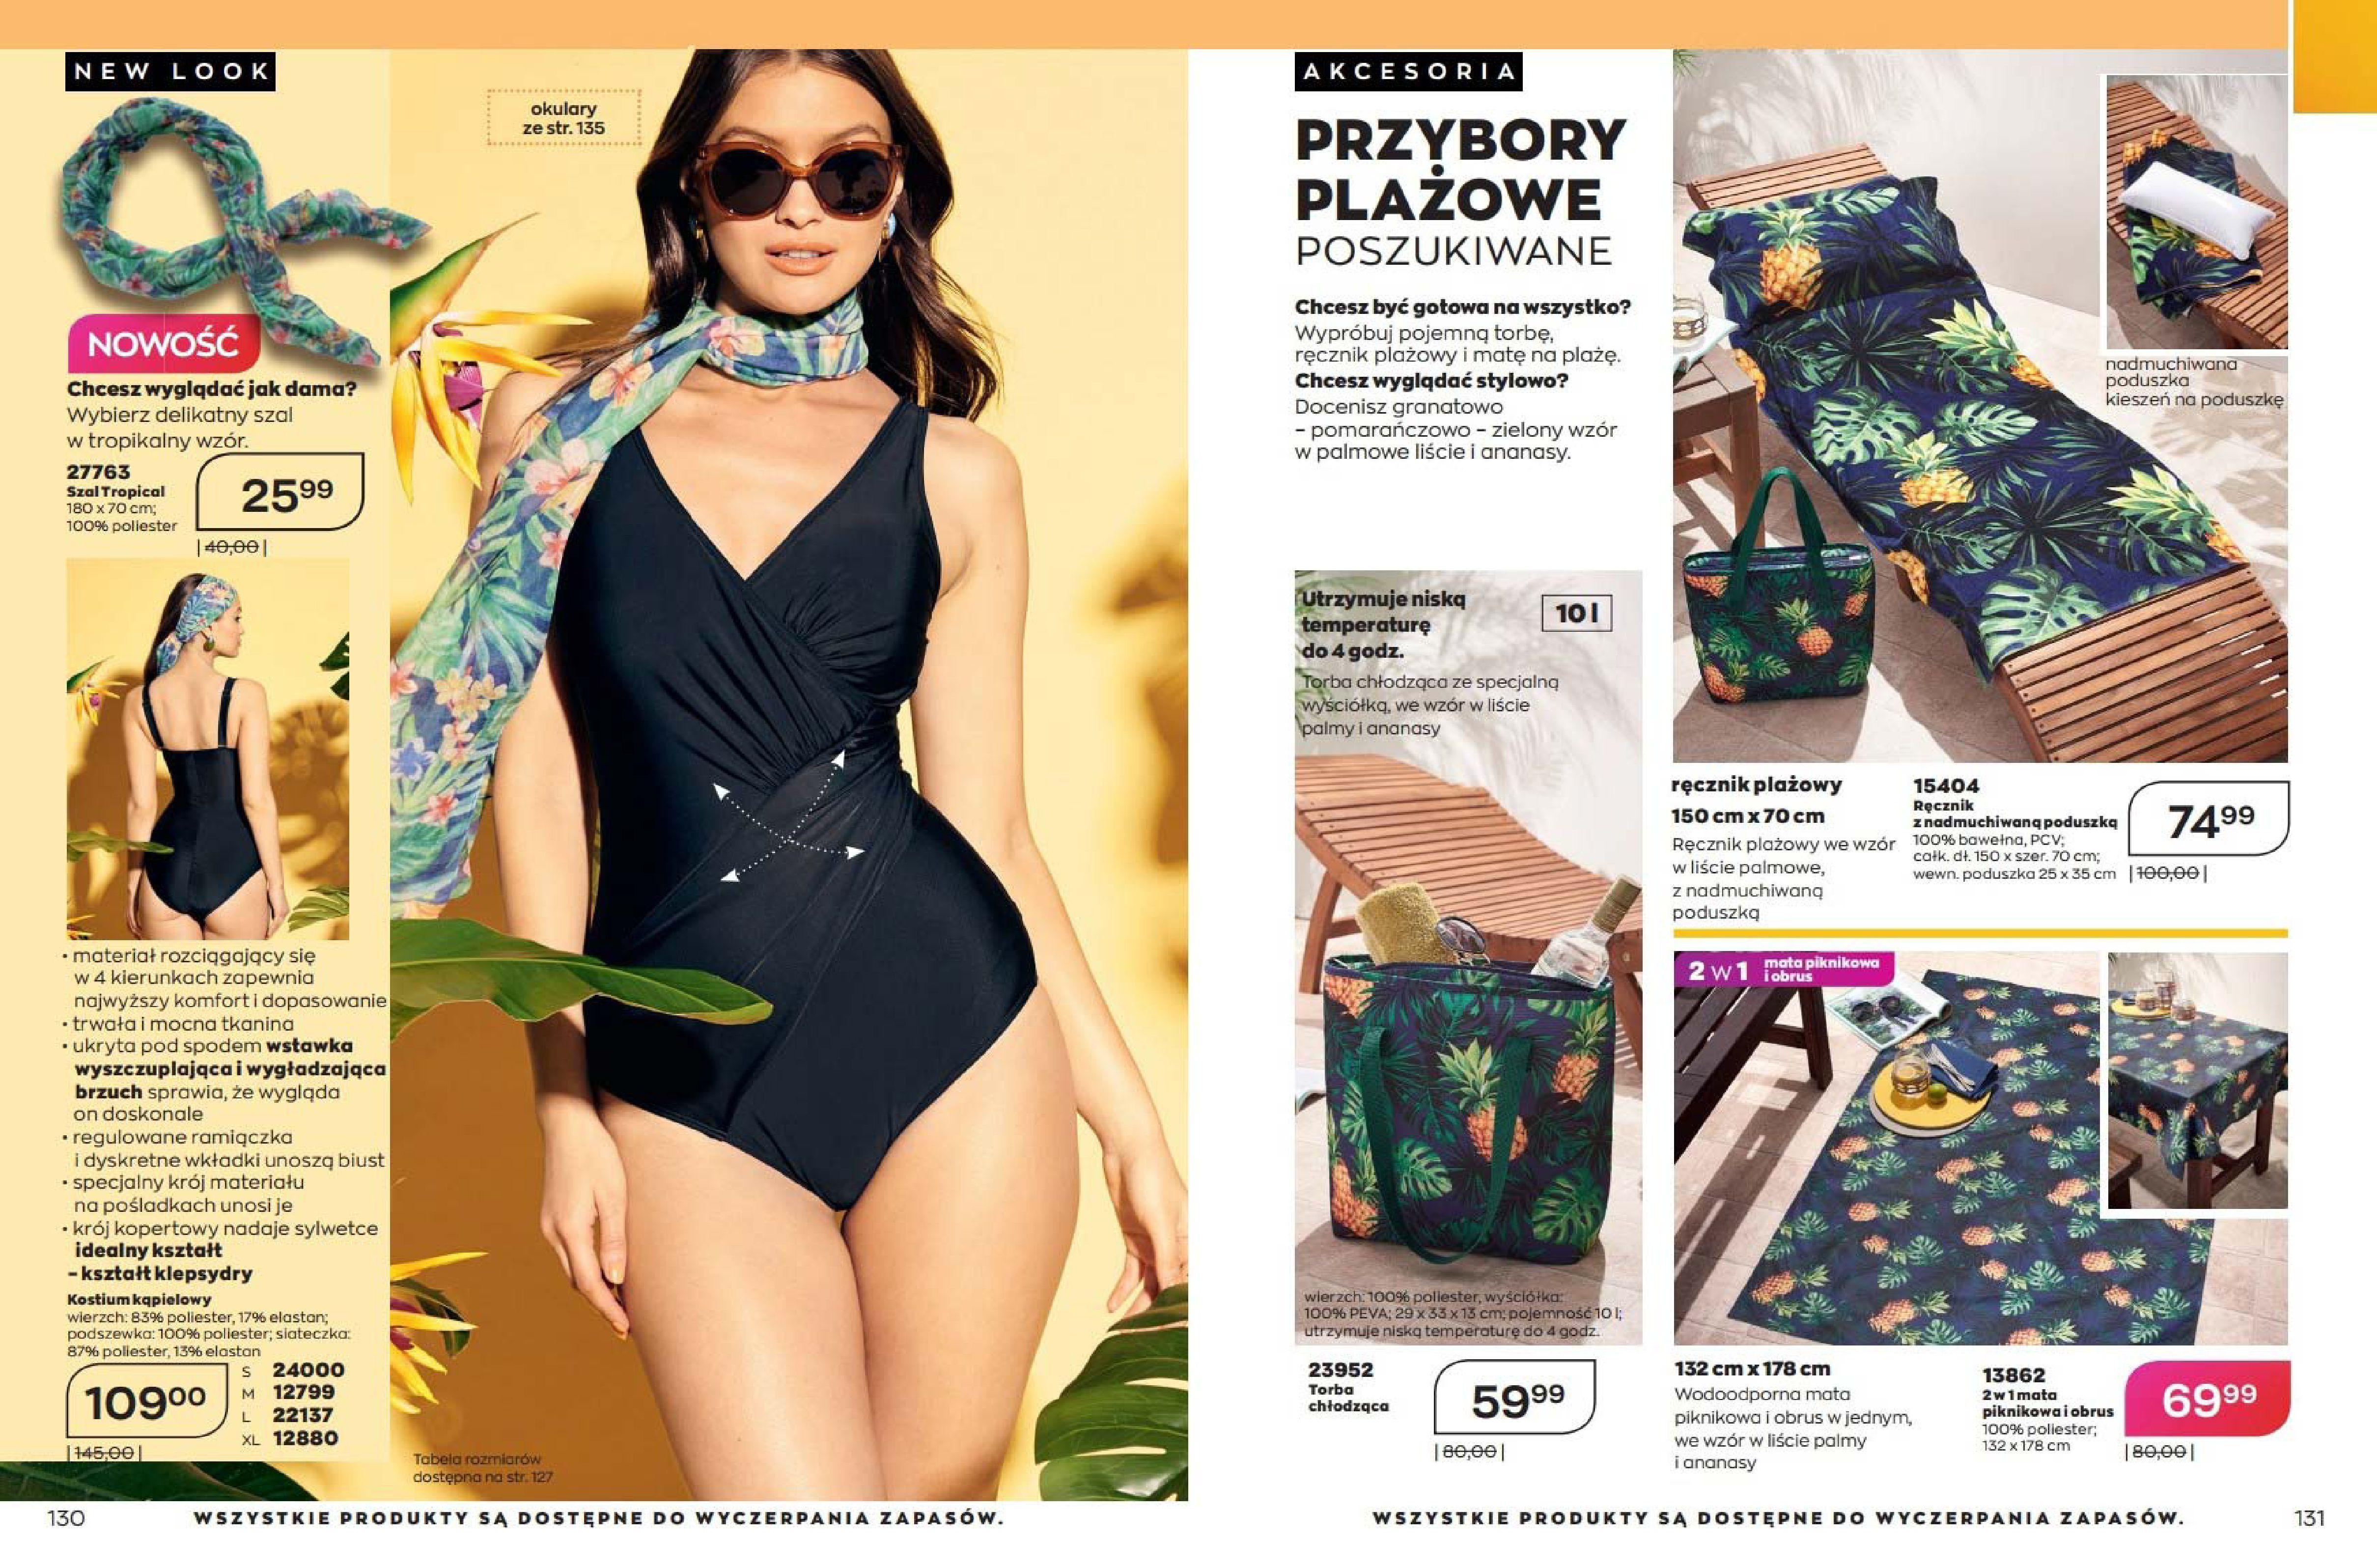 Gazetka Avon: Katalog Avon - Lipiec 2021 2021-07-01 page-66